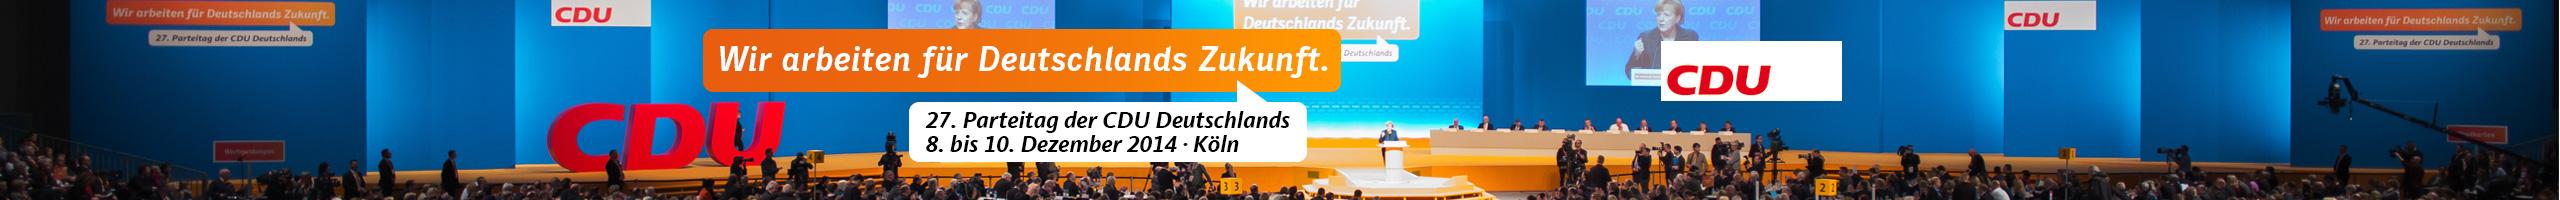 CDU Parteitag 2014 in Köln